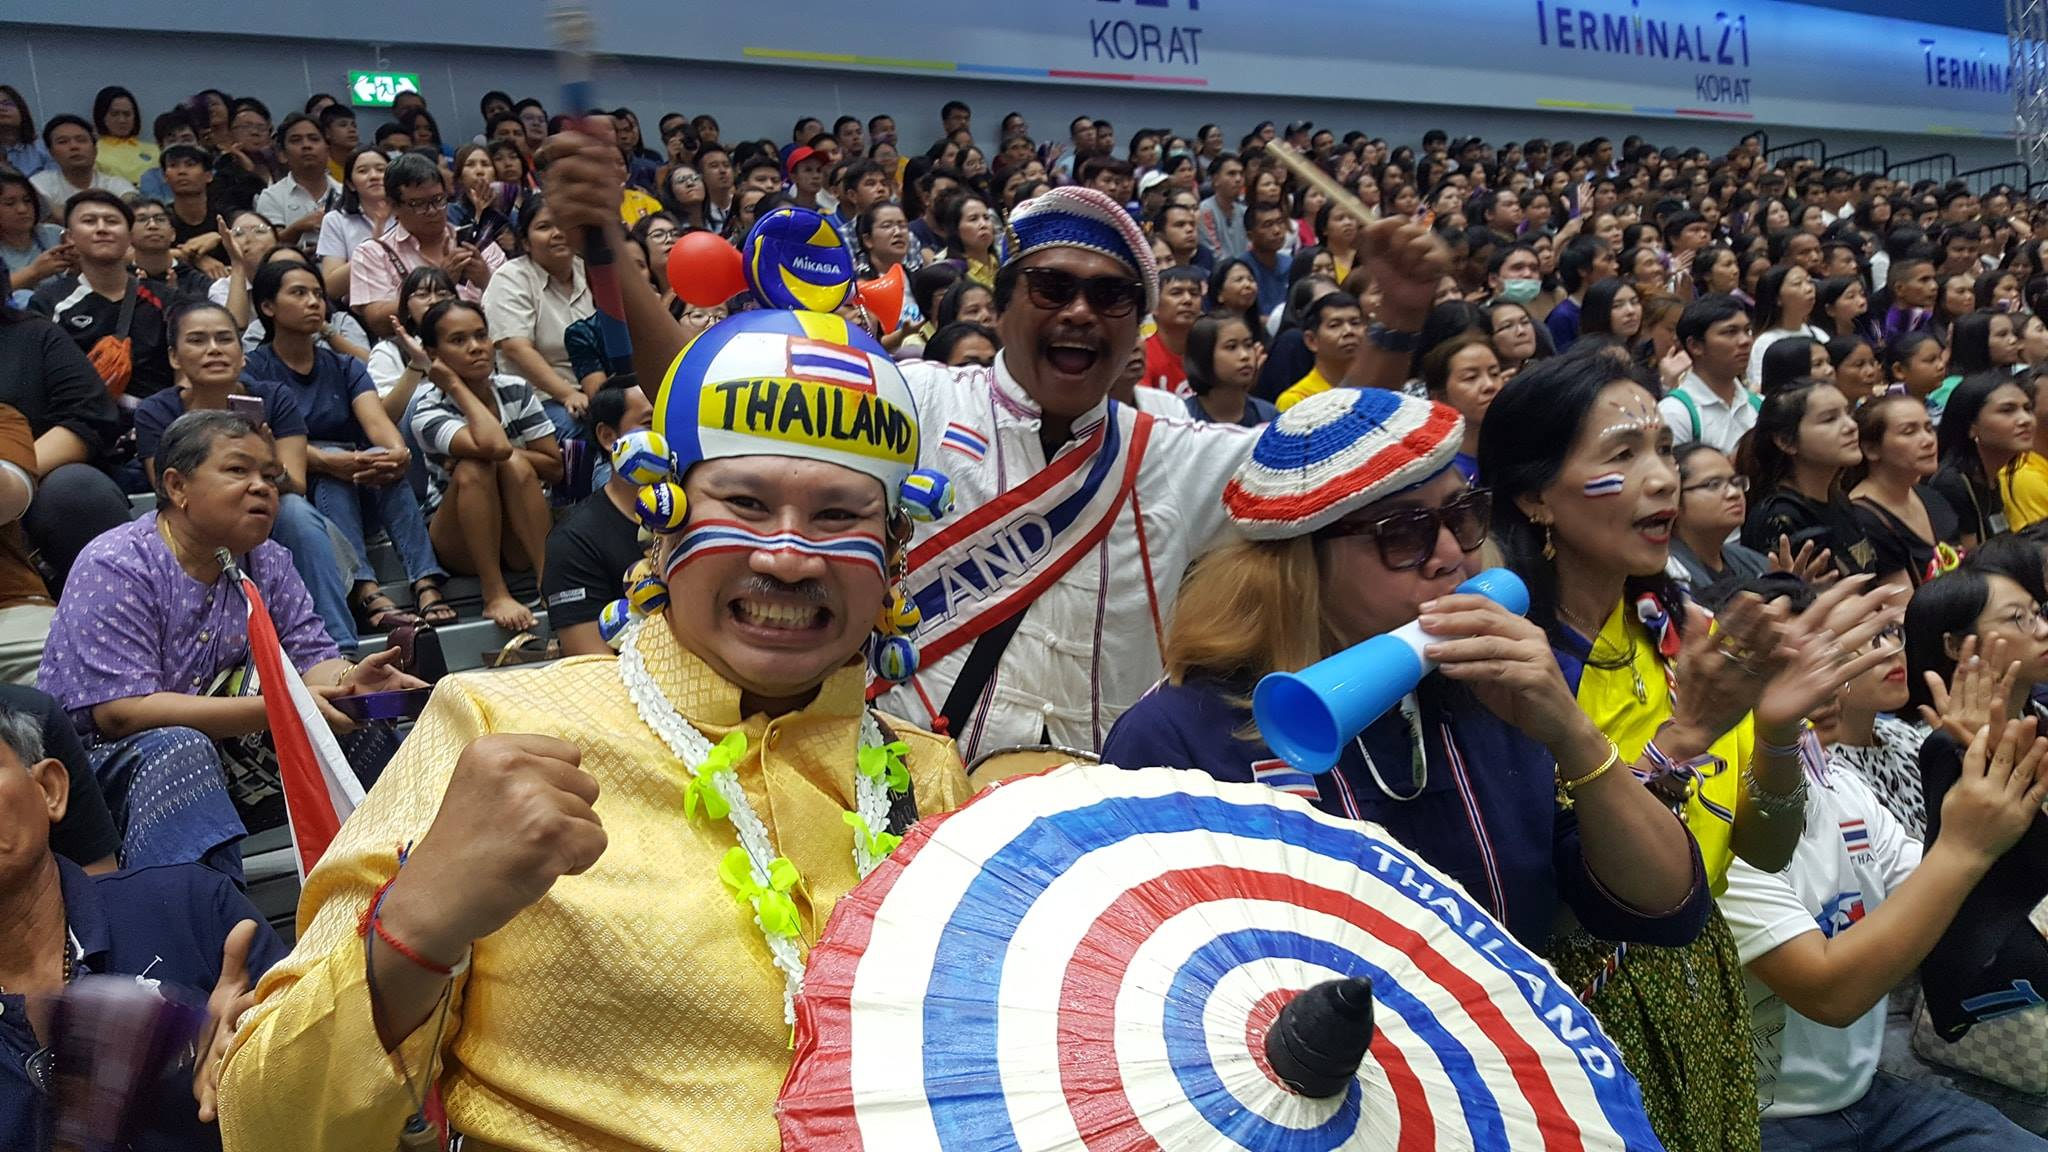 Un supporter Thaïlandais dans un match de volley